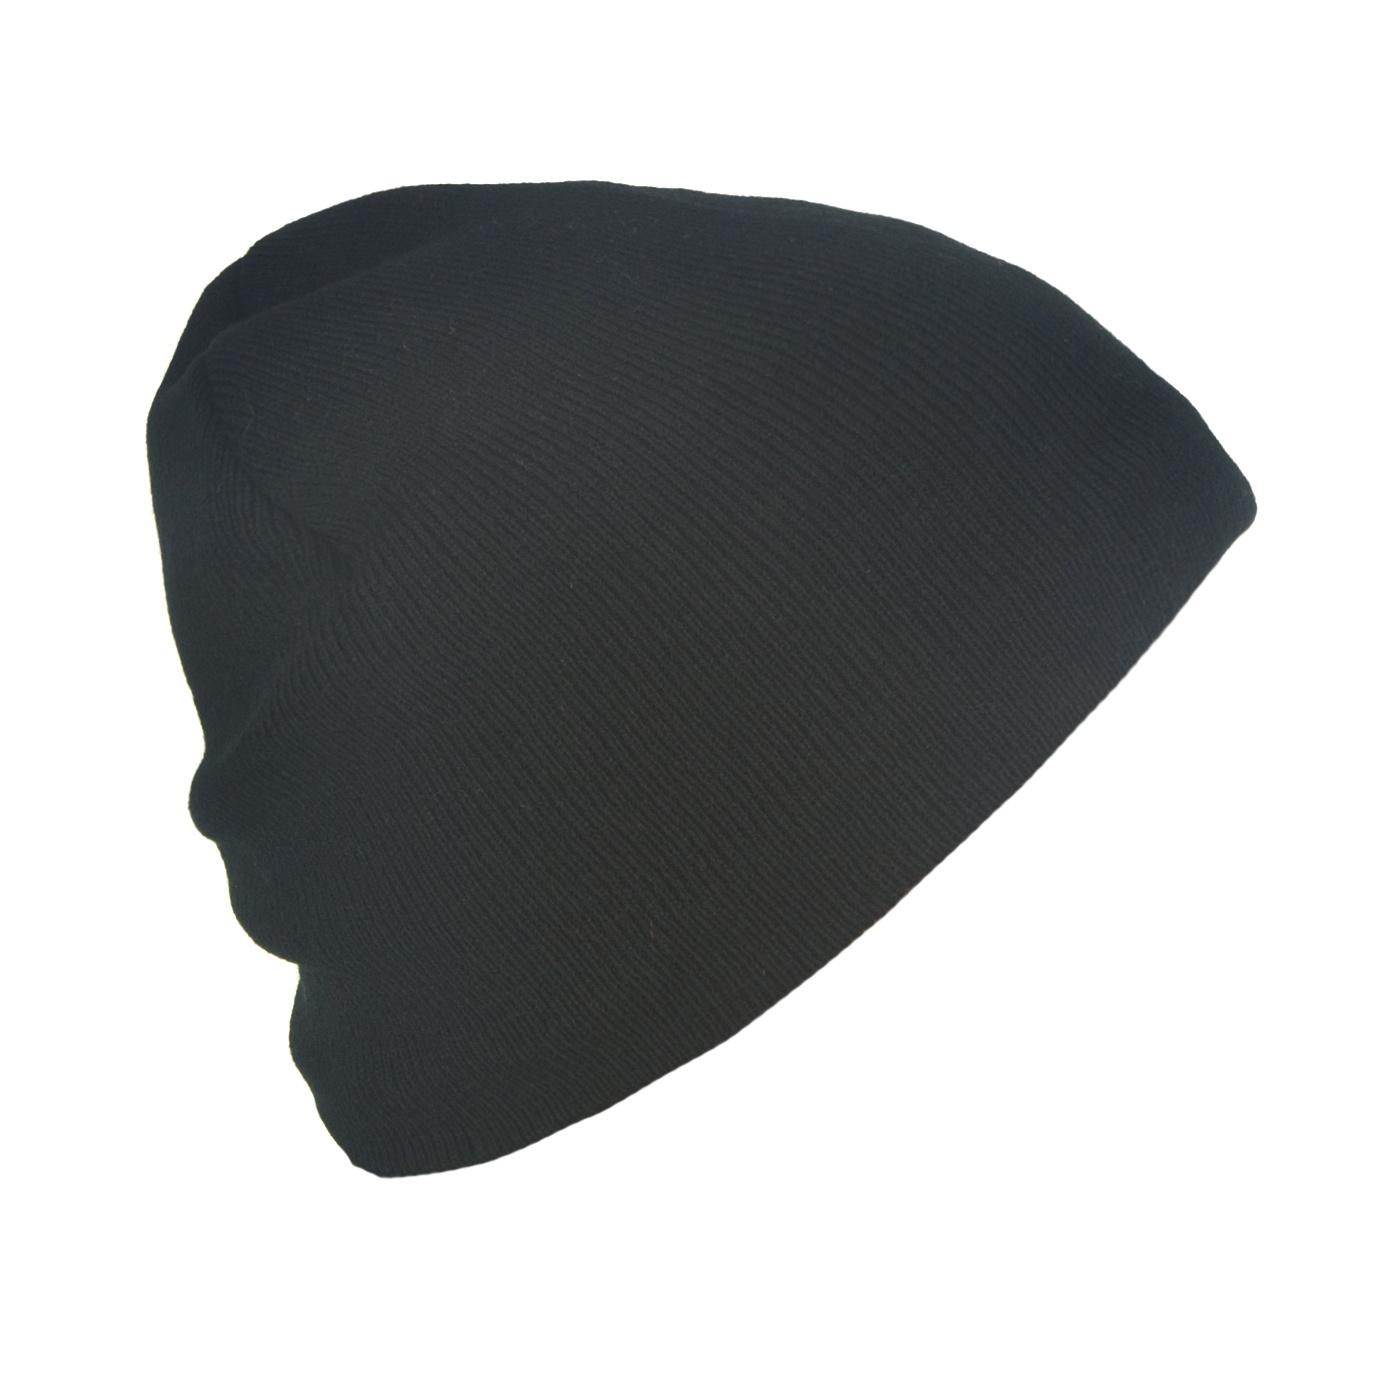 Męska czapka zimowa podszyta polarem - czarna